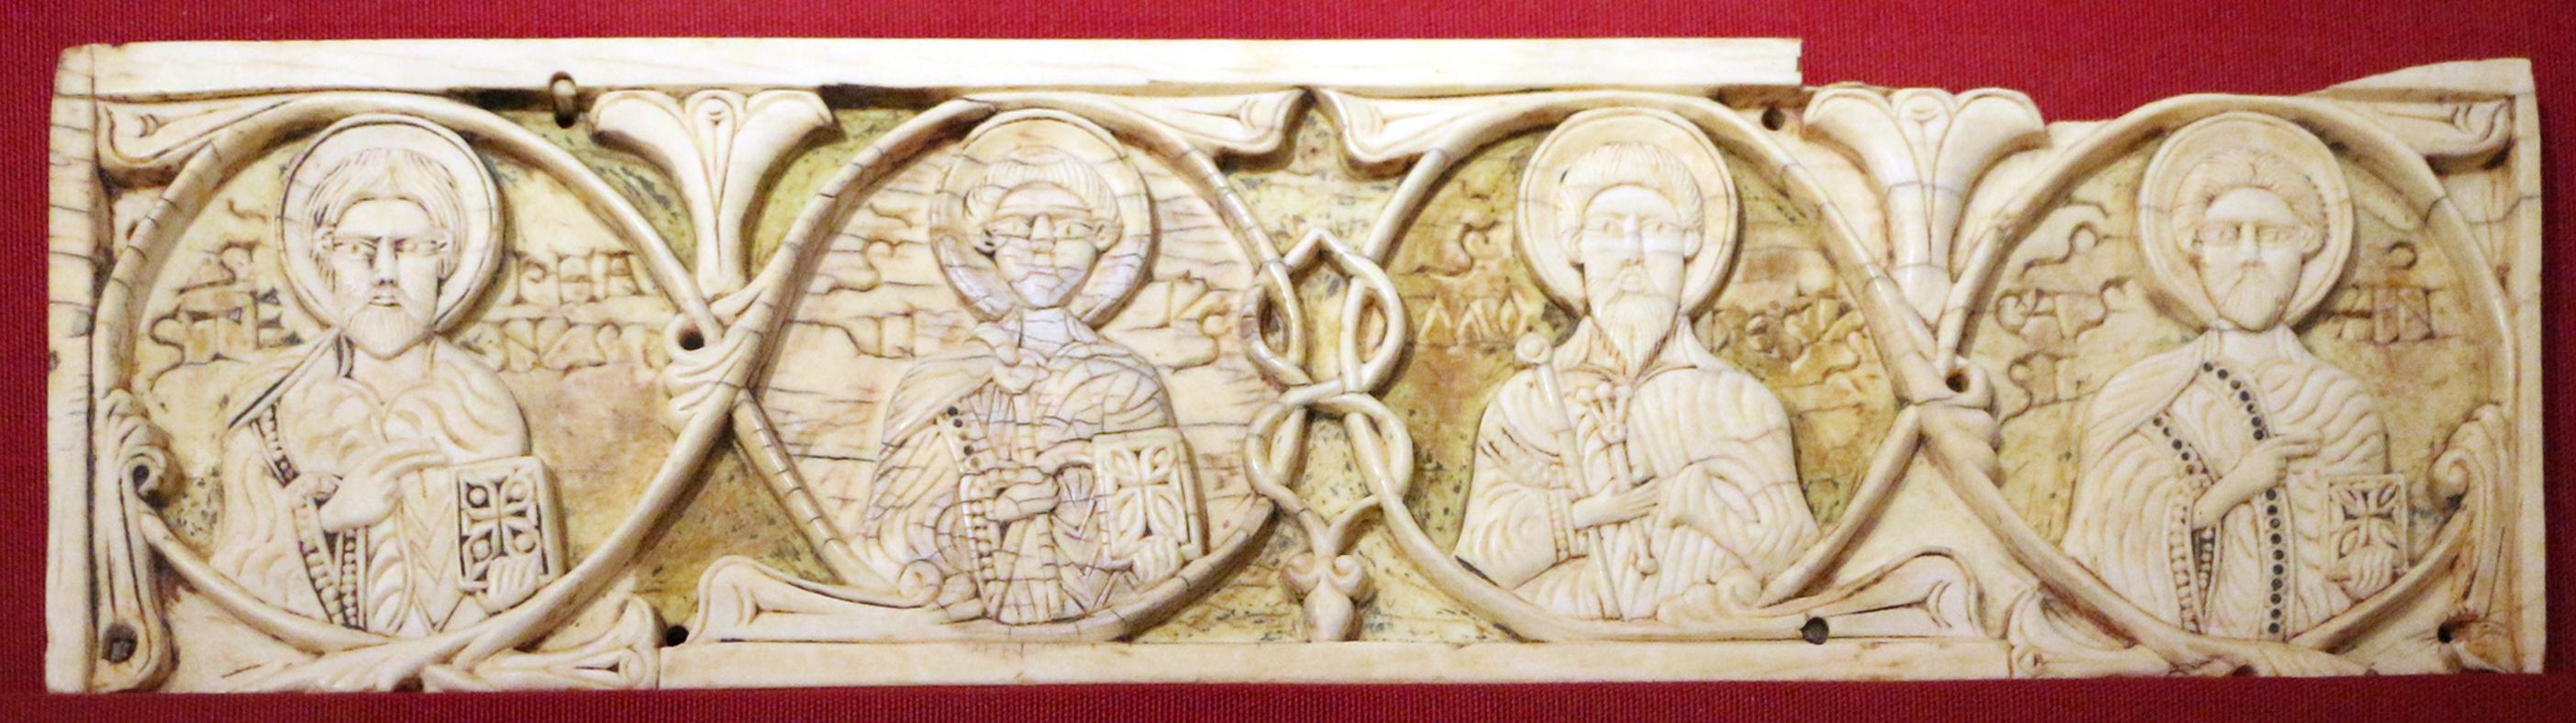 Venezia, formella con quattro santi, avorio, xii secolo - Sailko - Ravenna (RA)